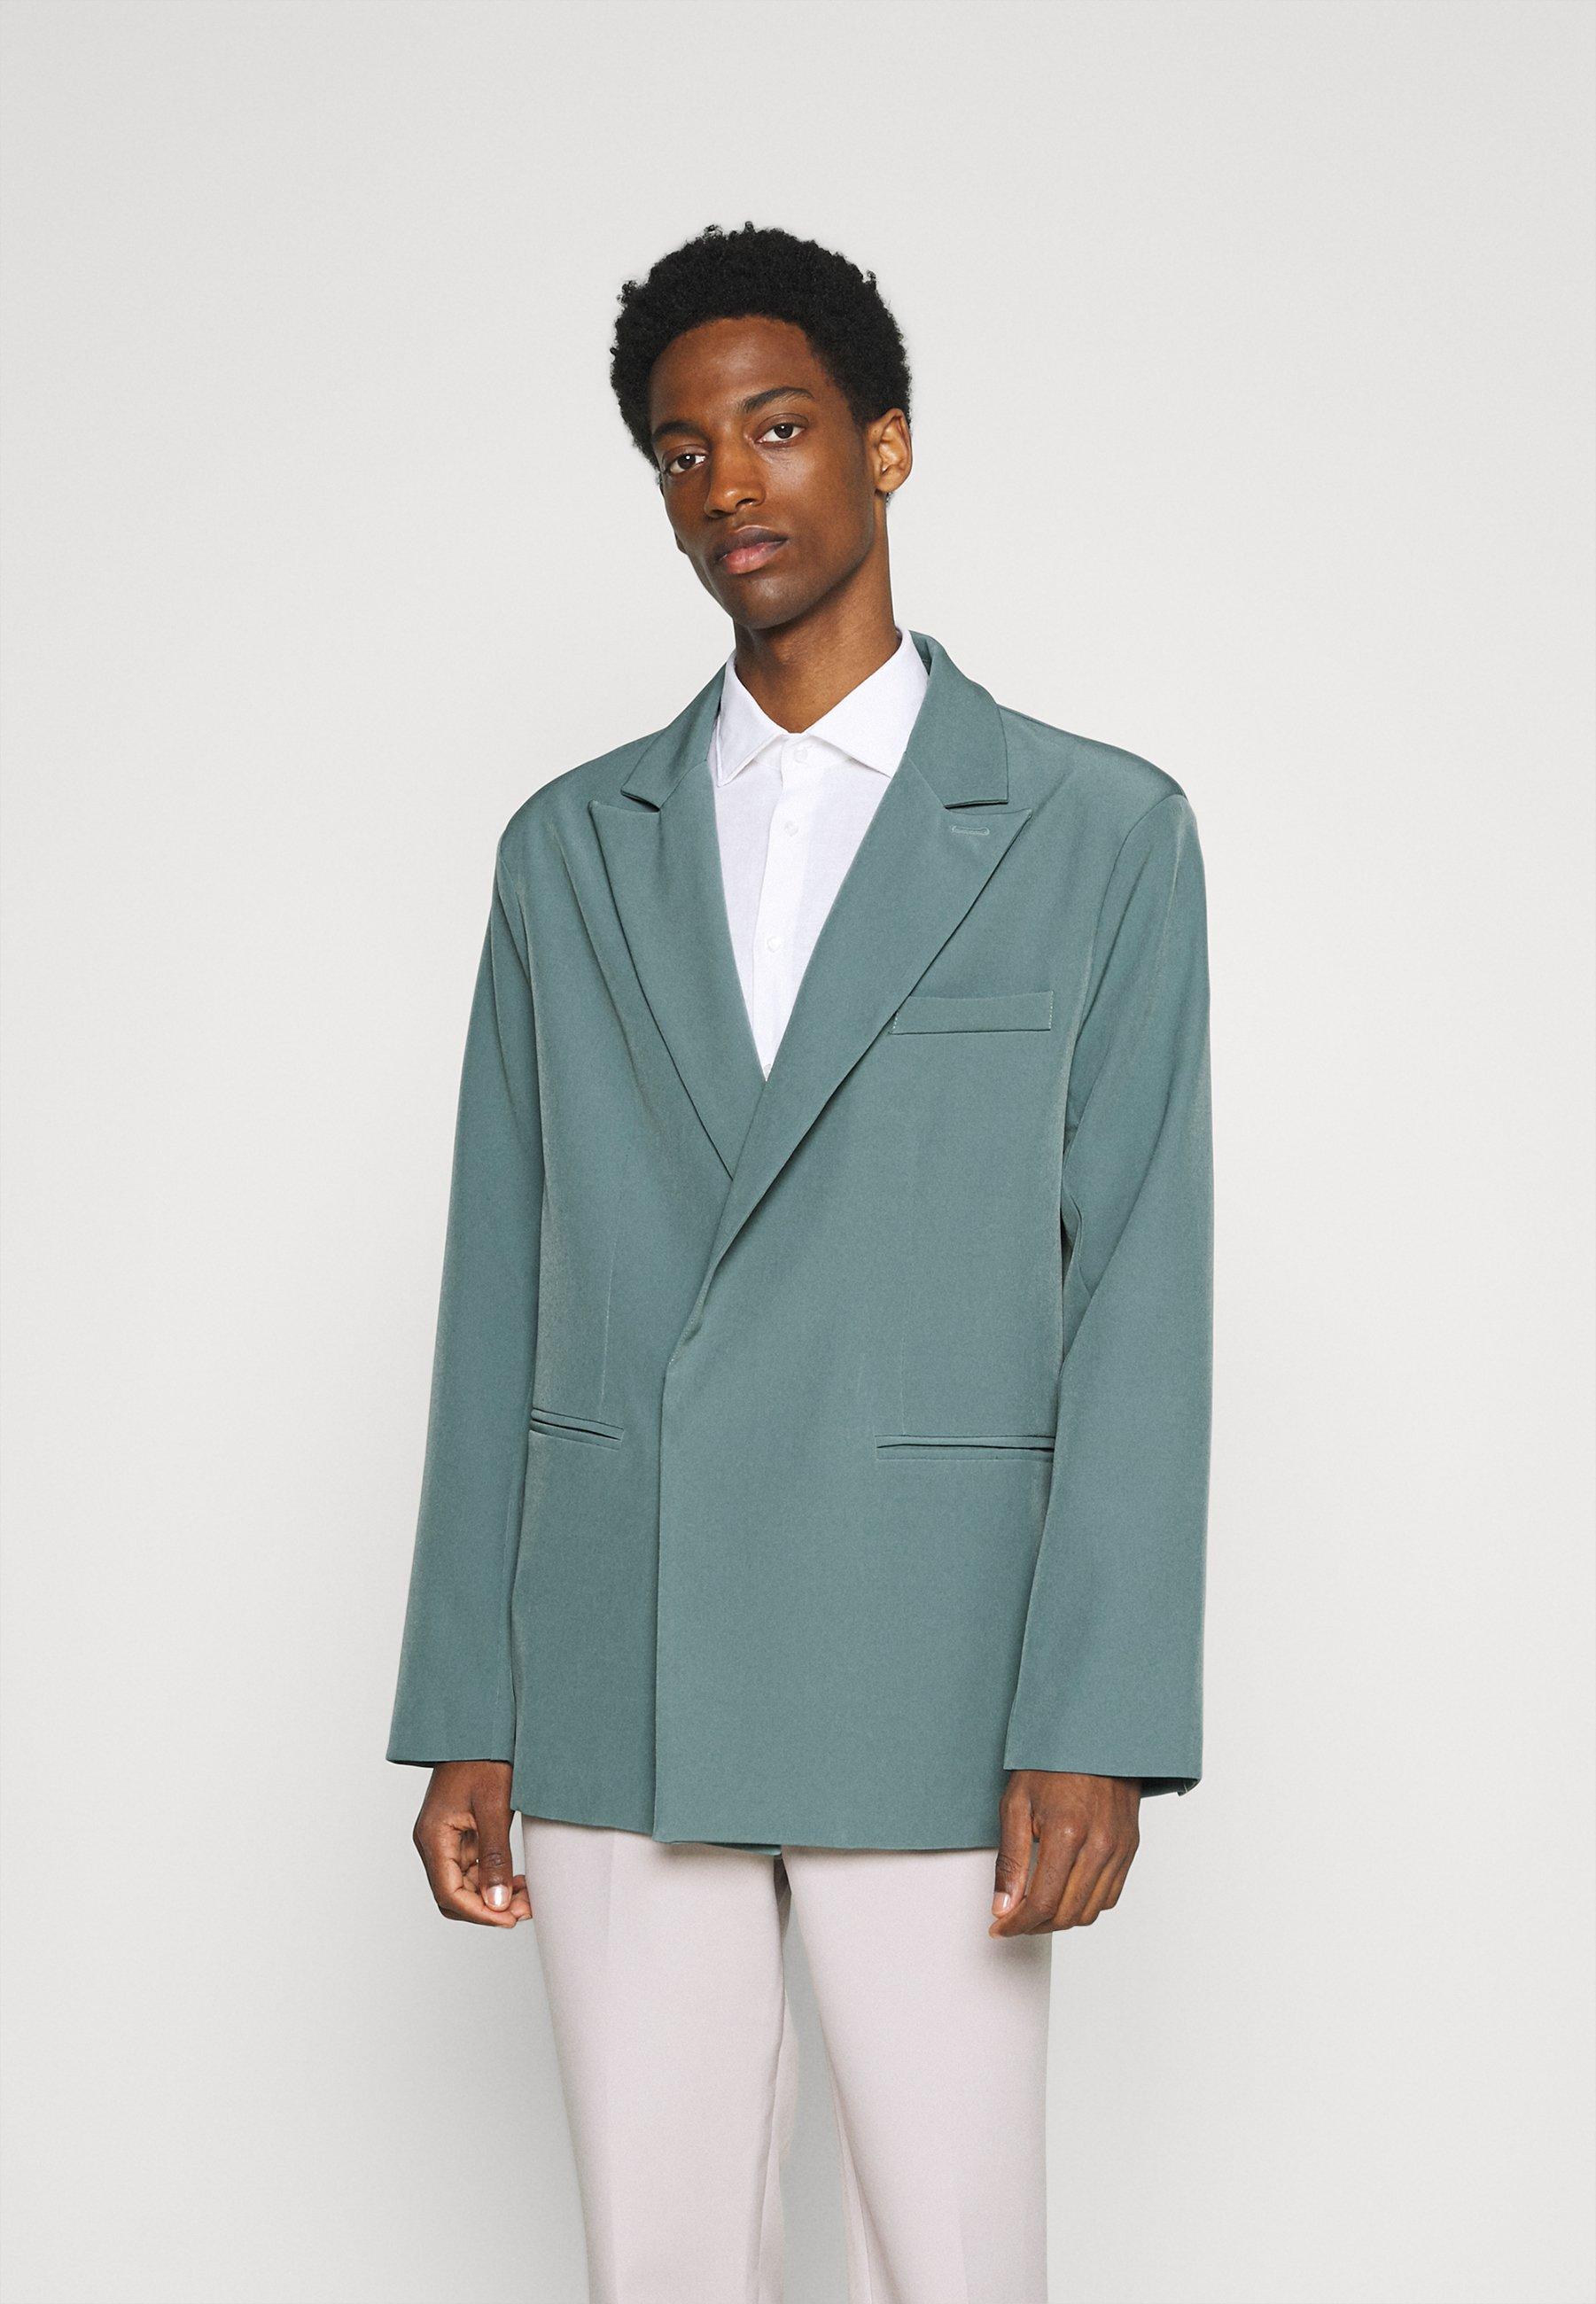 Men AFTERMATH ASYMMETRIC SUIT JACKET - Suit jacket